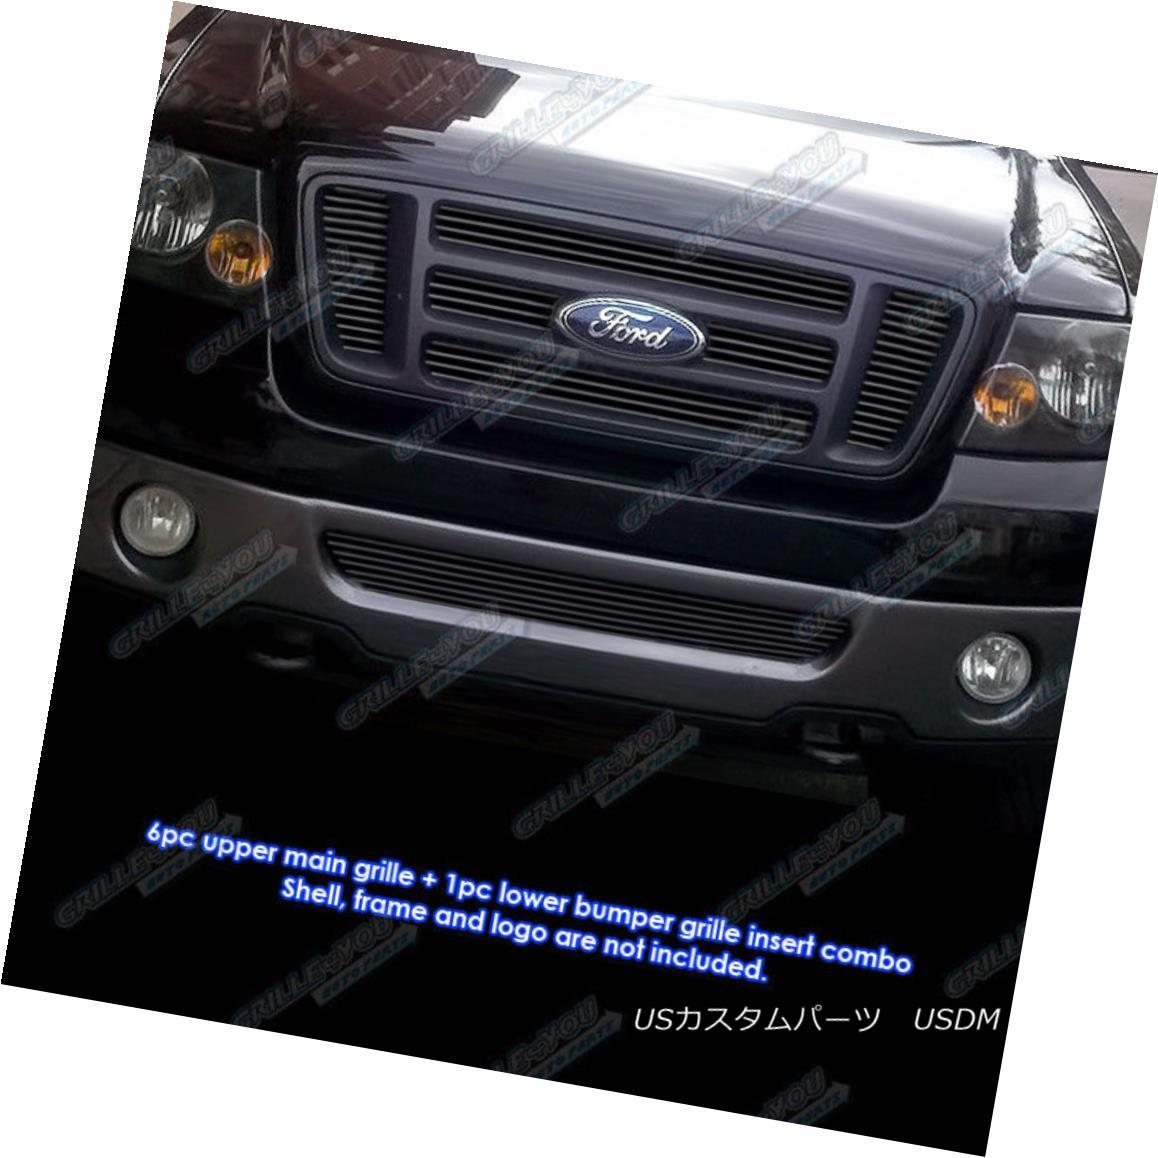 グリル Custom Fits 2006-2008 Ford F-150 Bar Style Black Billet Grill Combo カスタムフィット2006-2008フォードF - 150バースタイルブラックビレットグリルコンボ